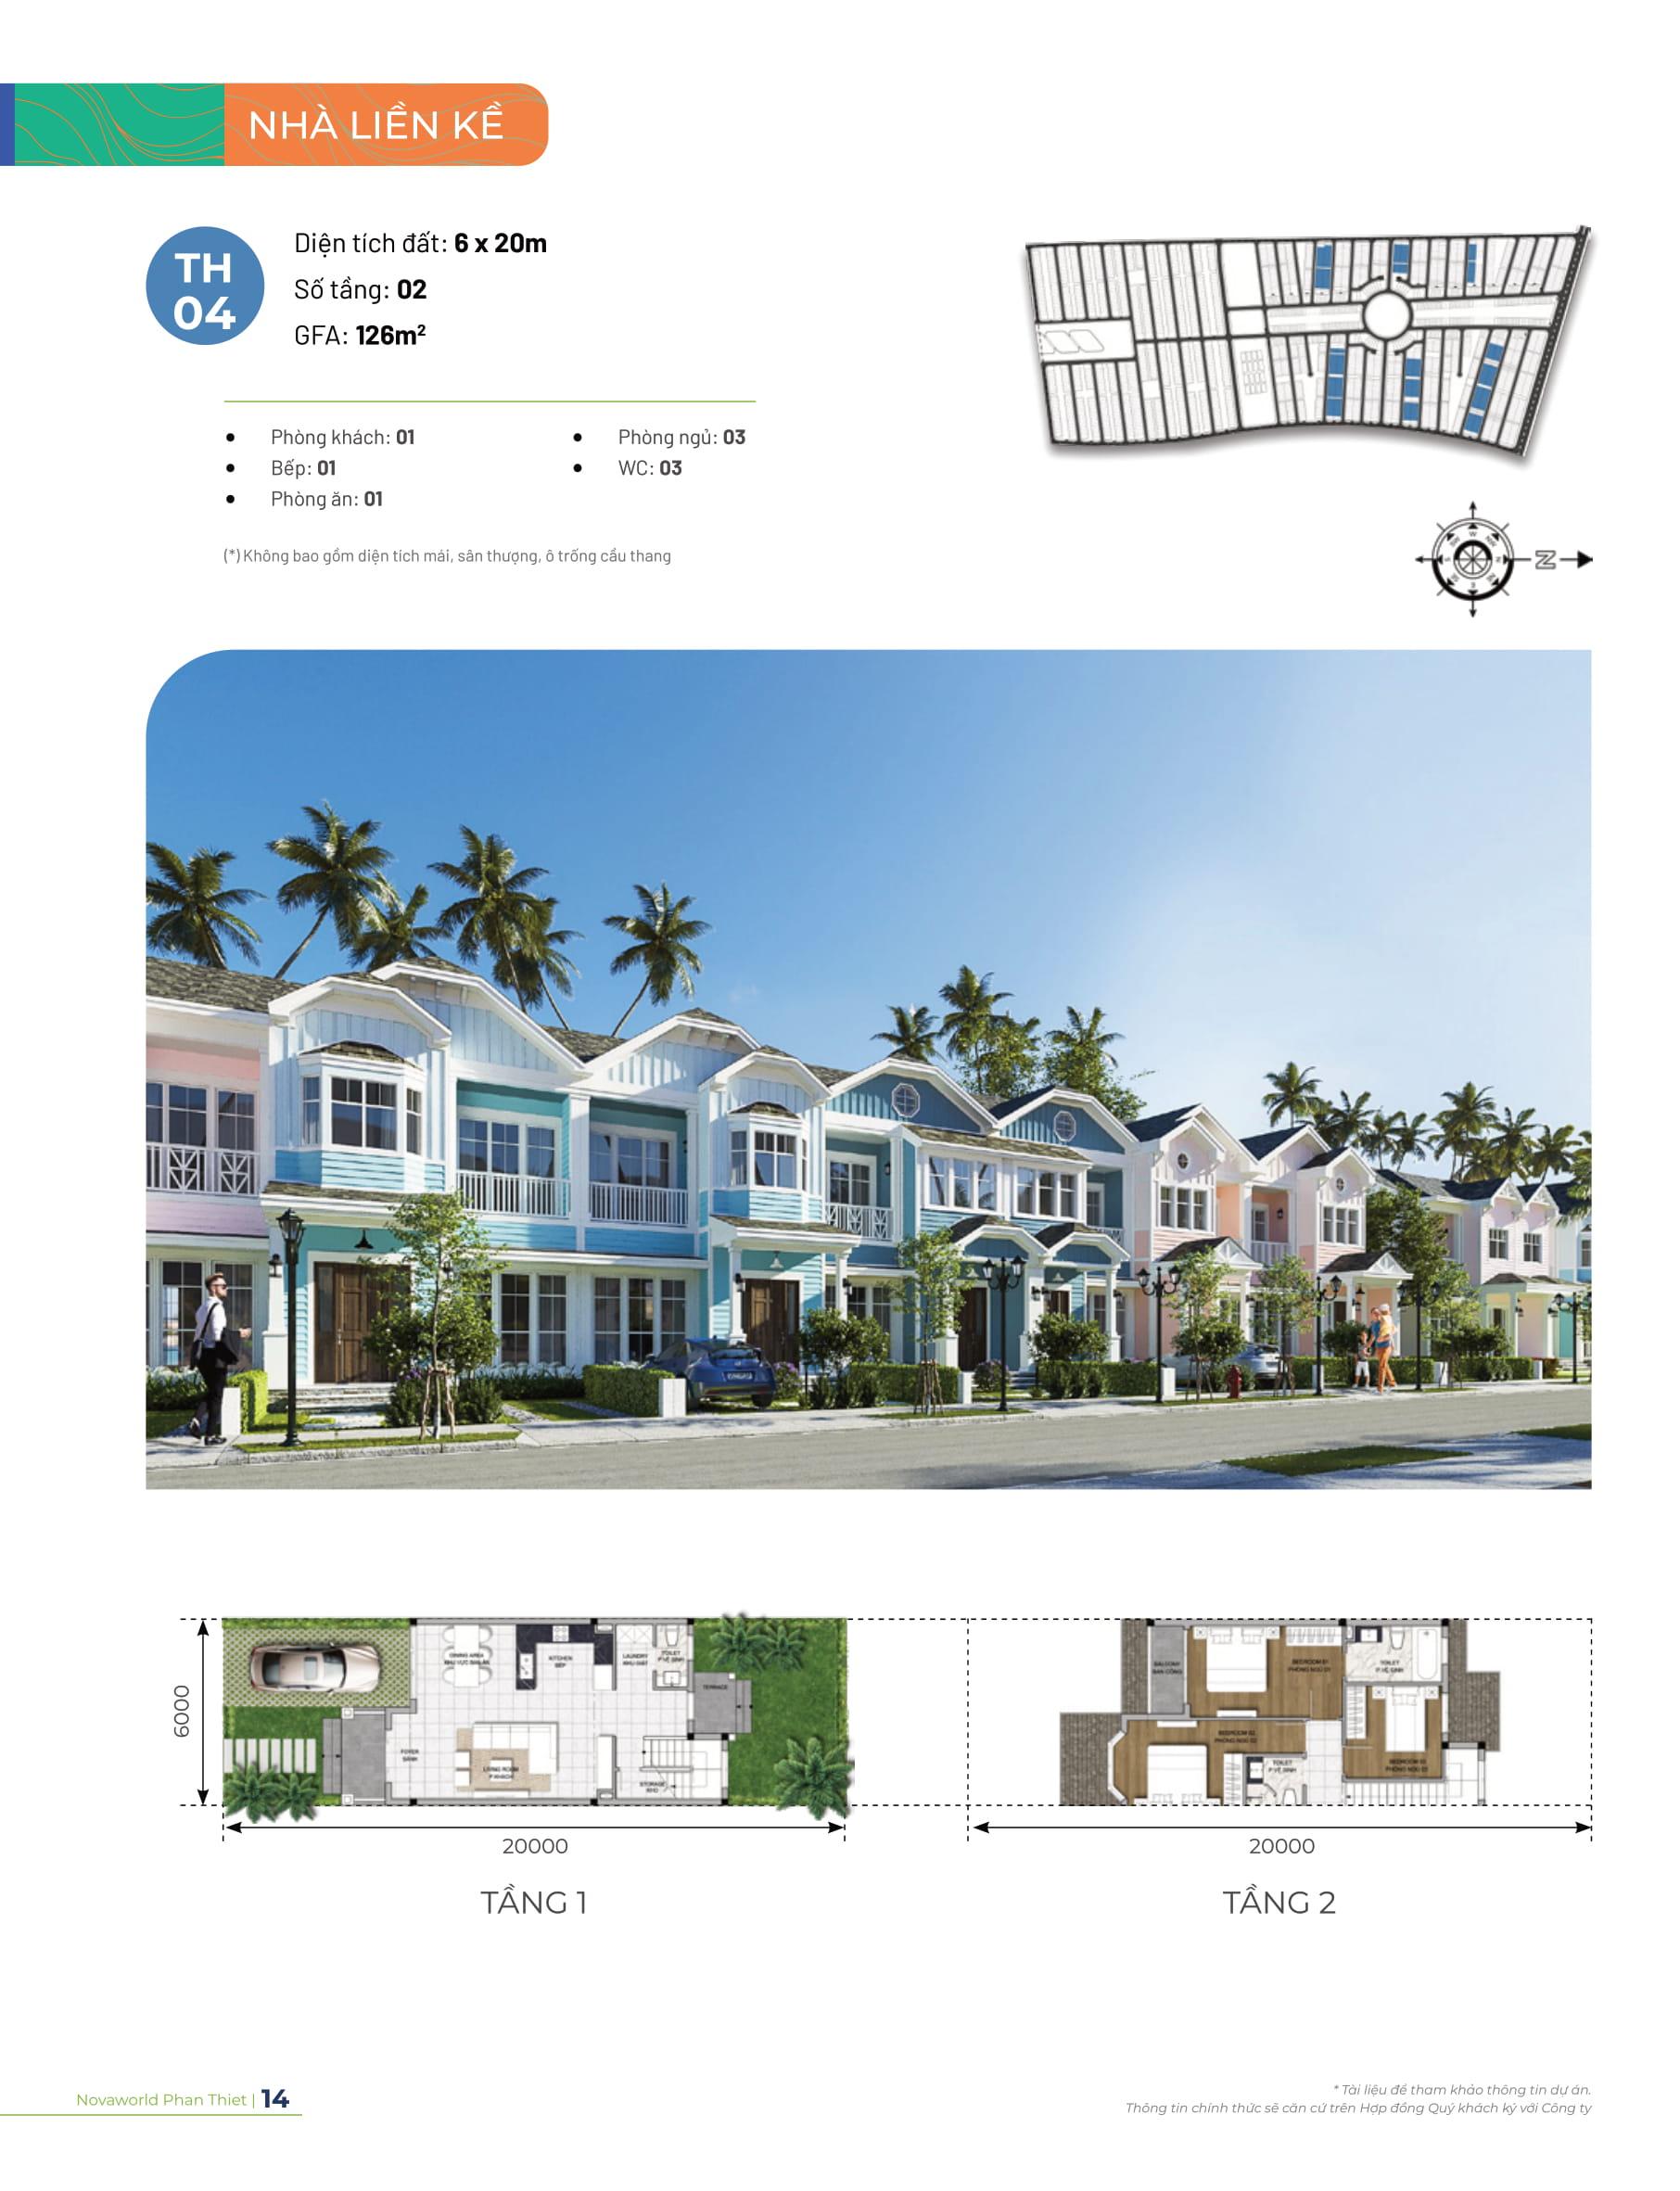 mb-nwp-plans-4b-210820-13